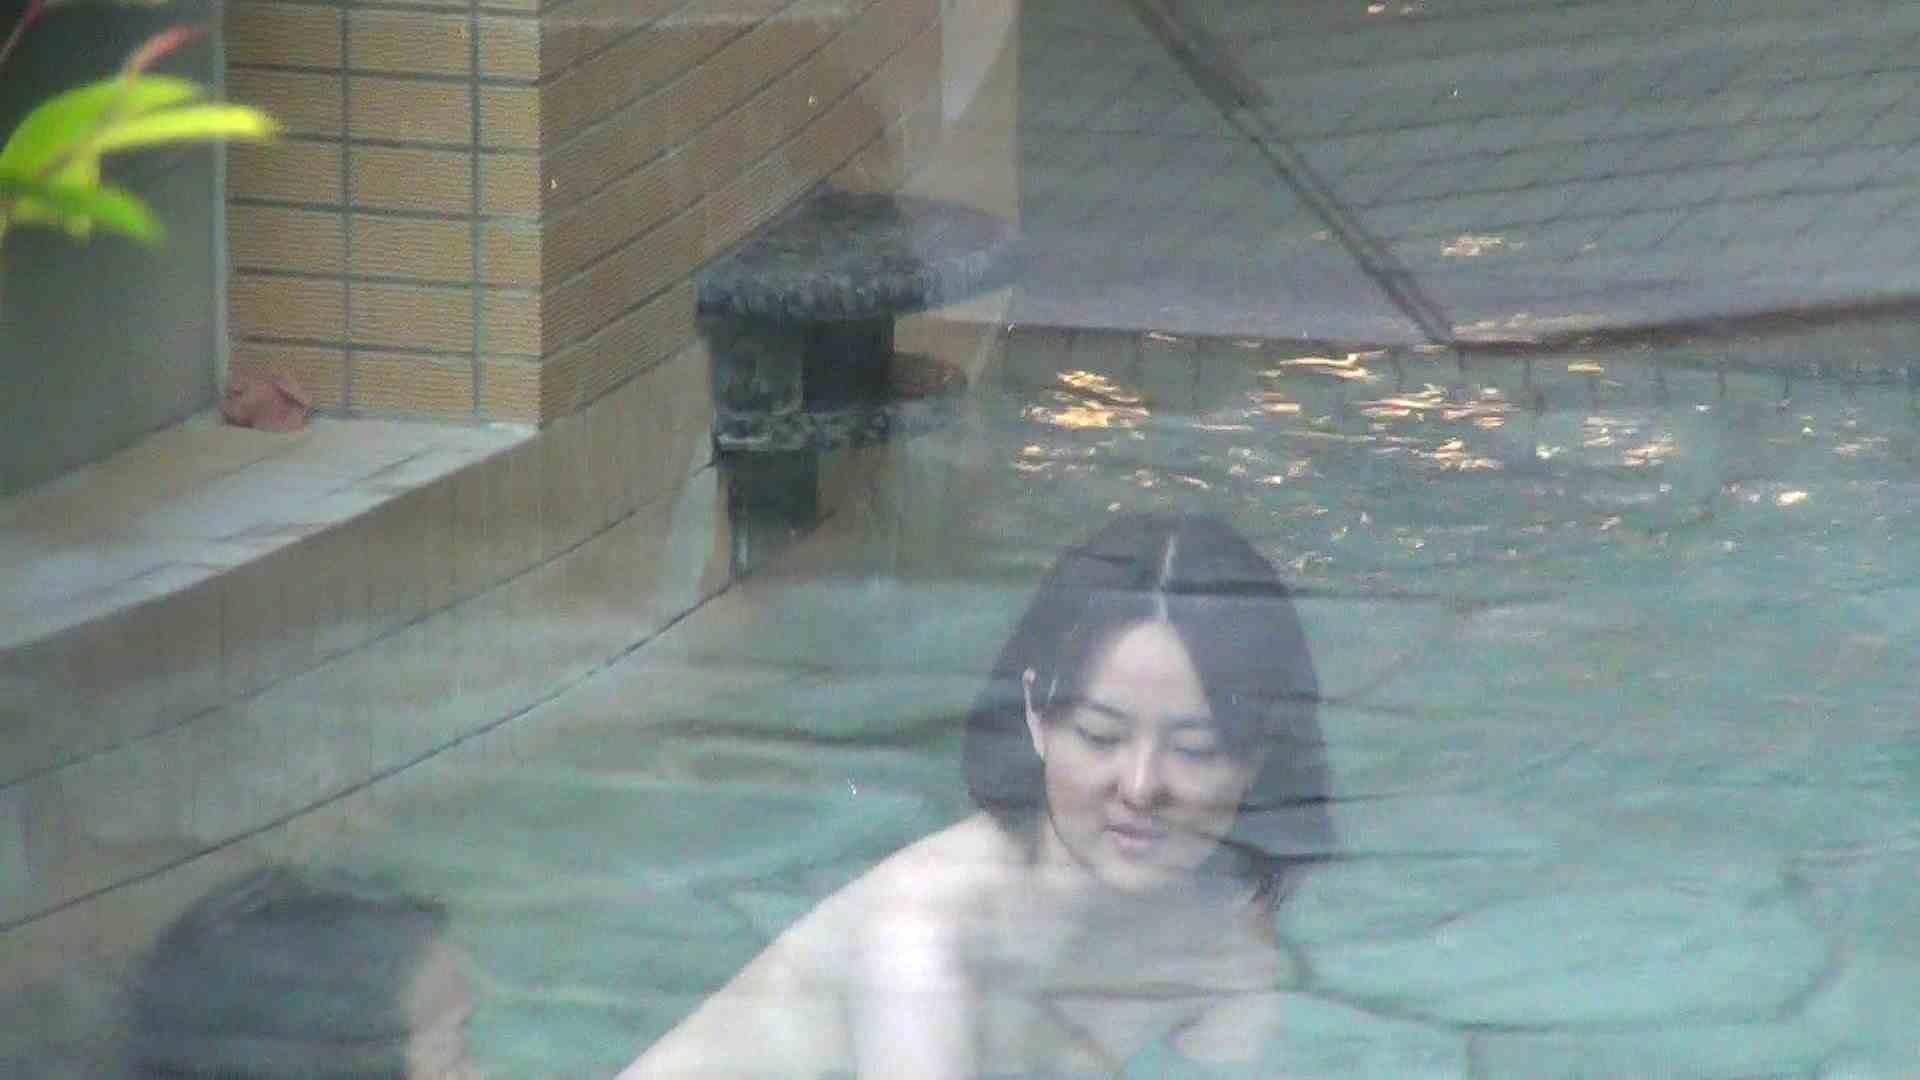 Aquaな露天風呂Vol.297 女体盗撮  91連発 69